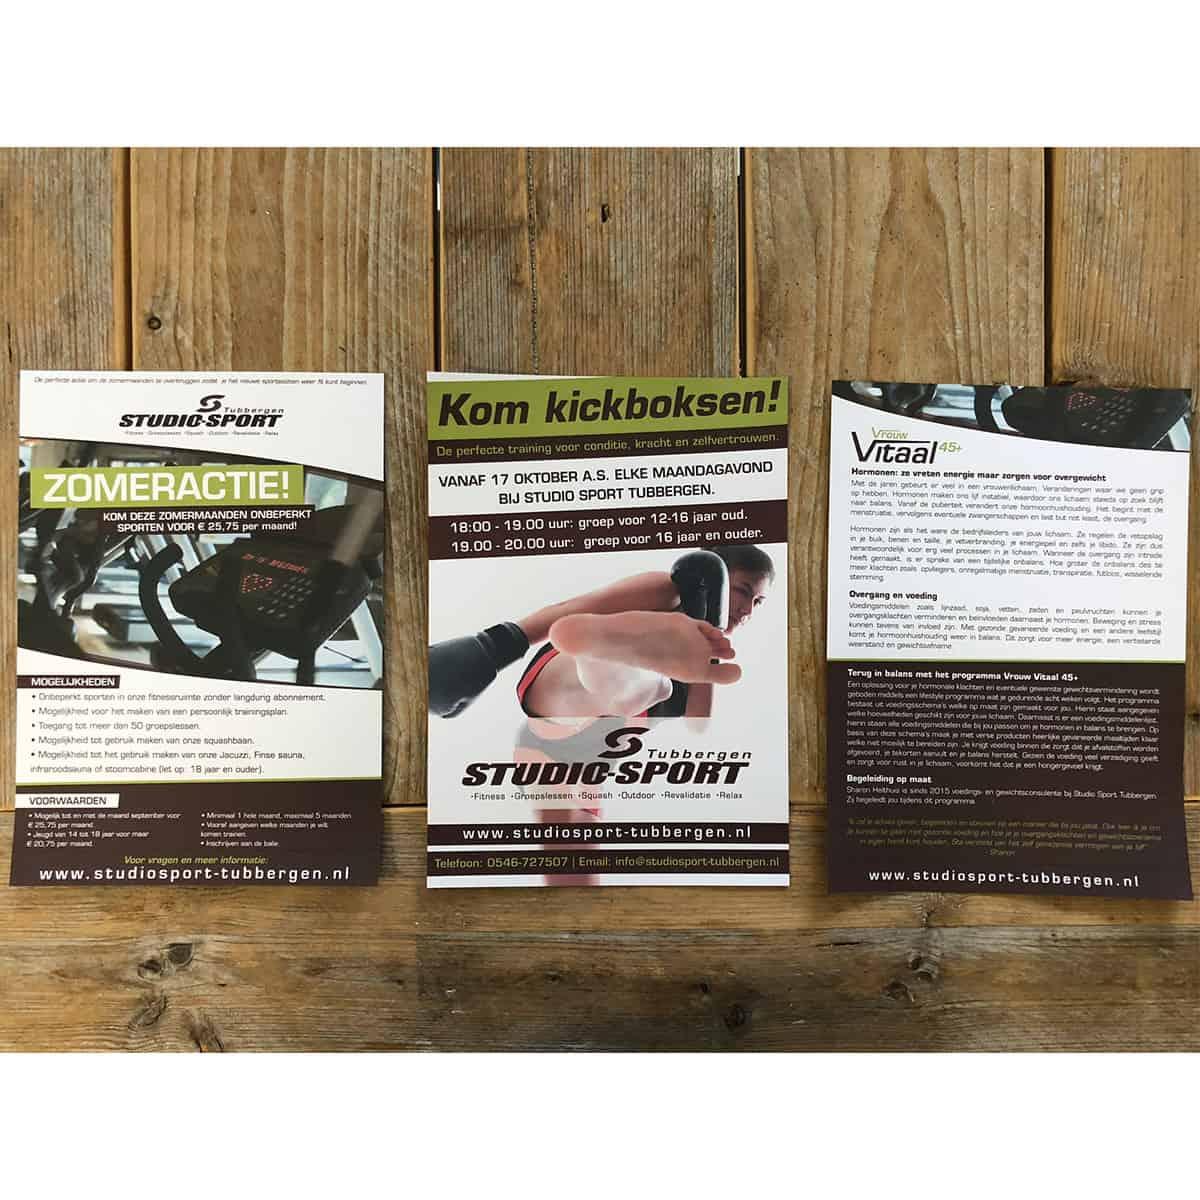 studiosport-tubbergen-huisstijl-drukwerk-flyers-burobedenkt1